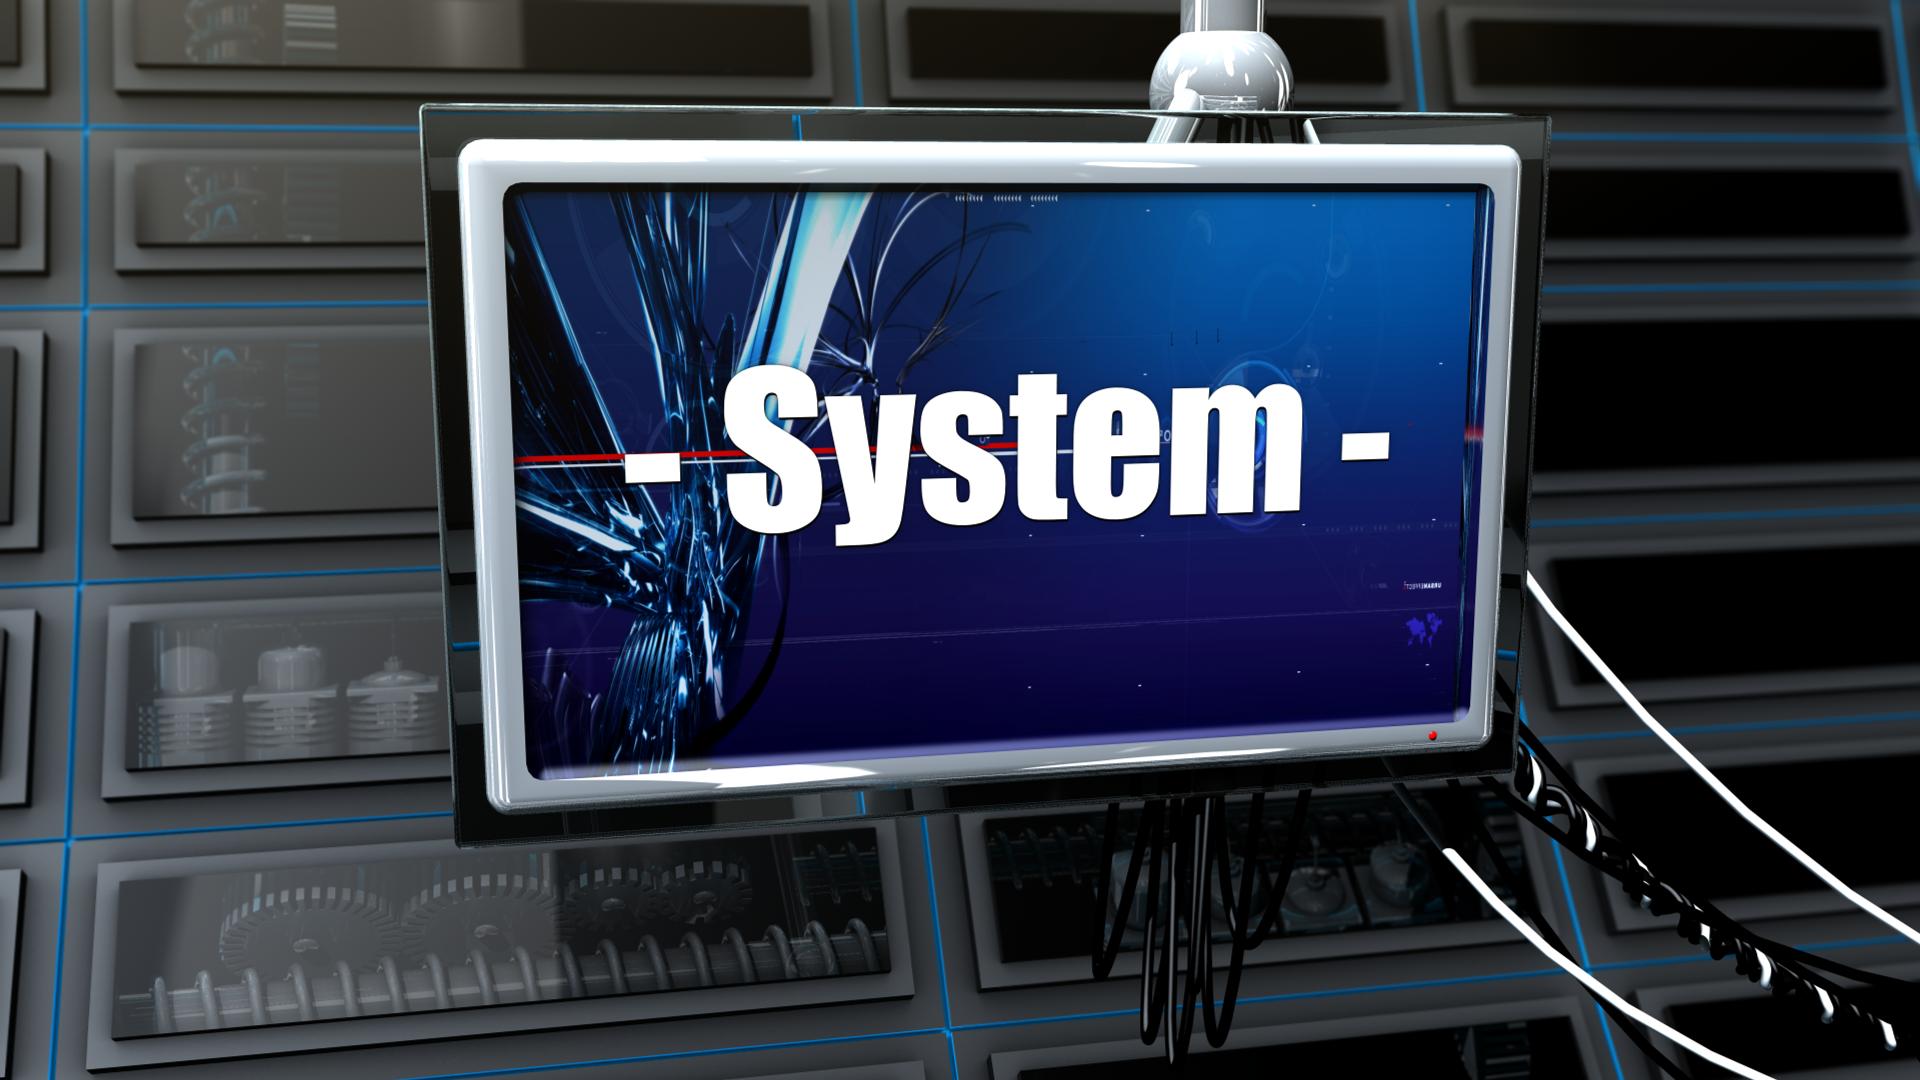 XBMC System 1080p by RaySpoint 1920x1080